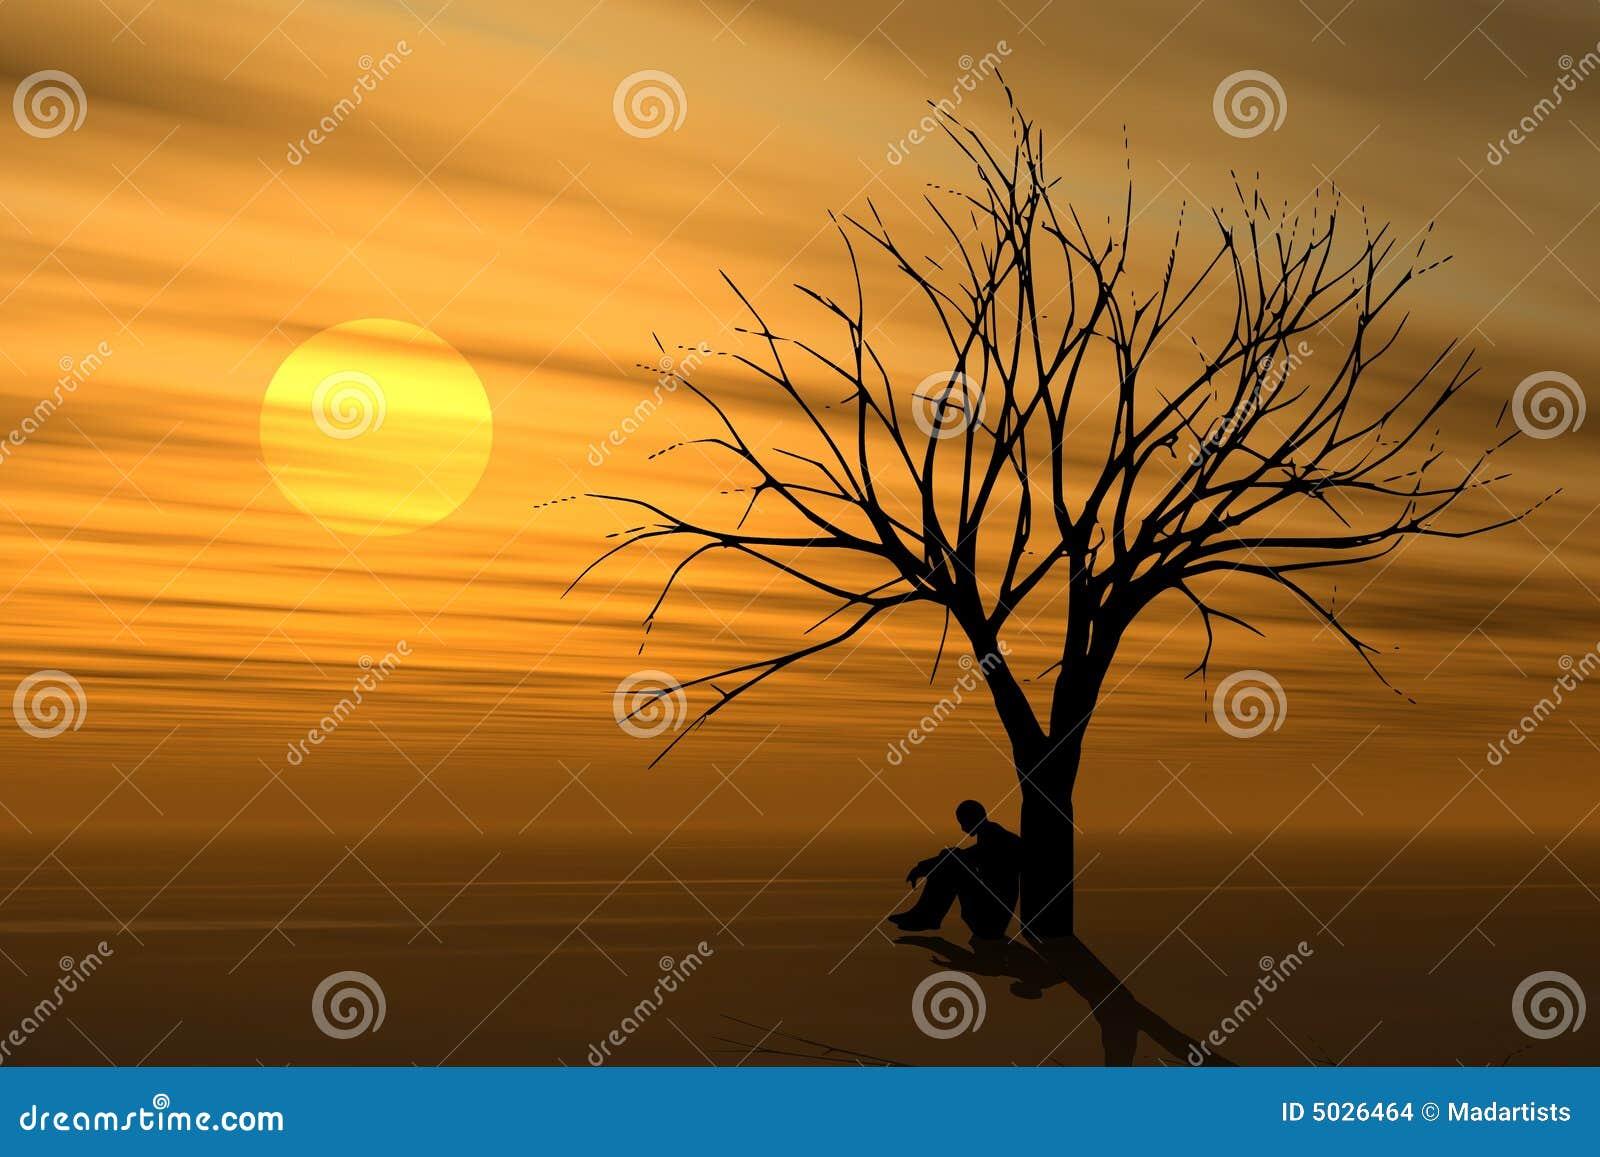 Alleine unter Baum am Sonnenuntergang